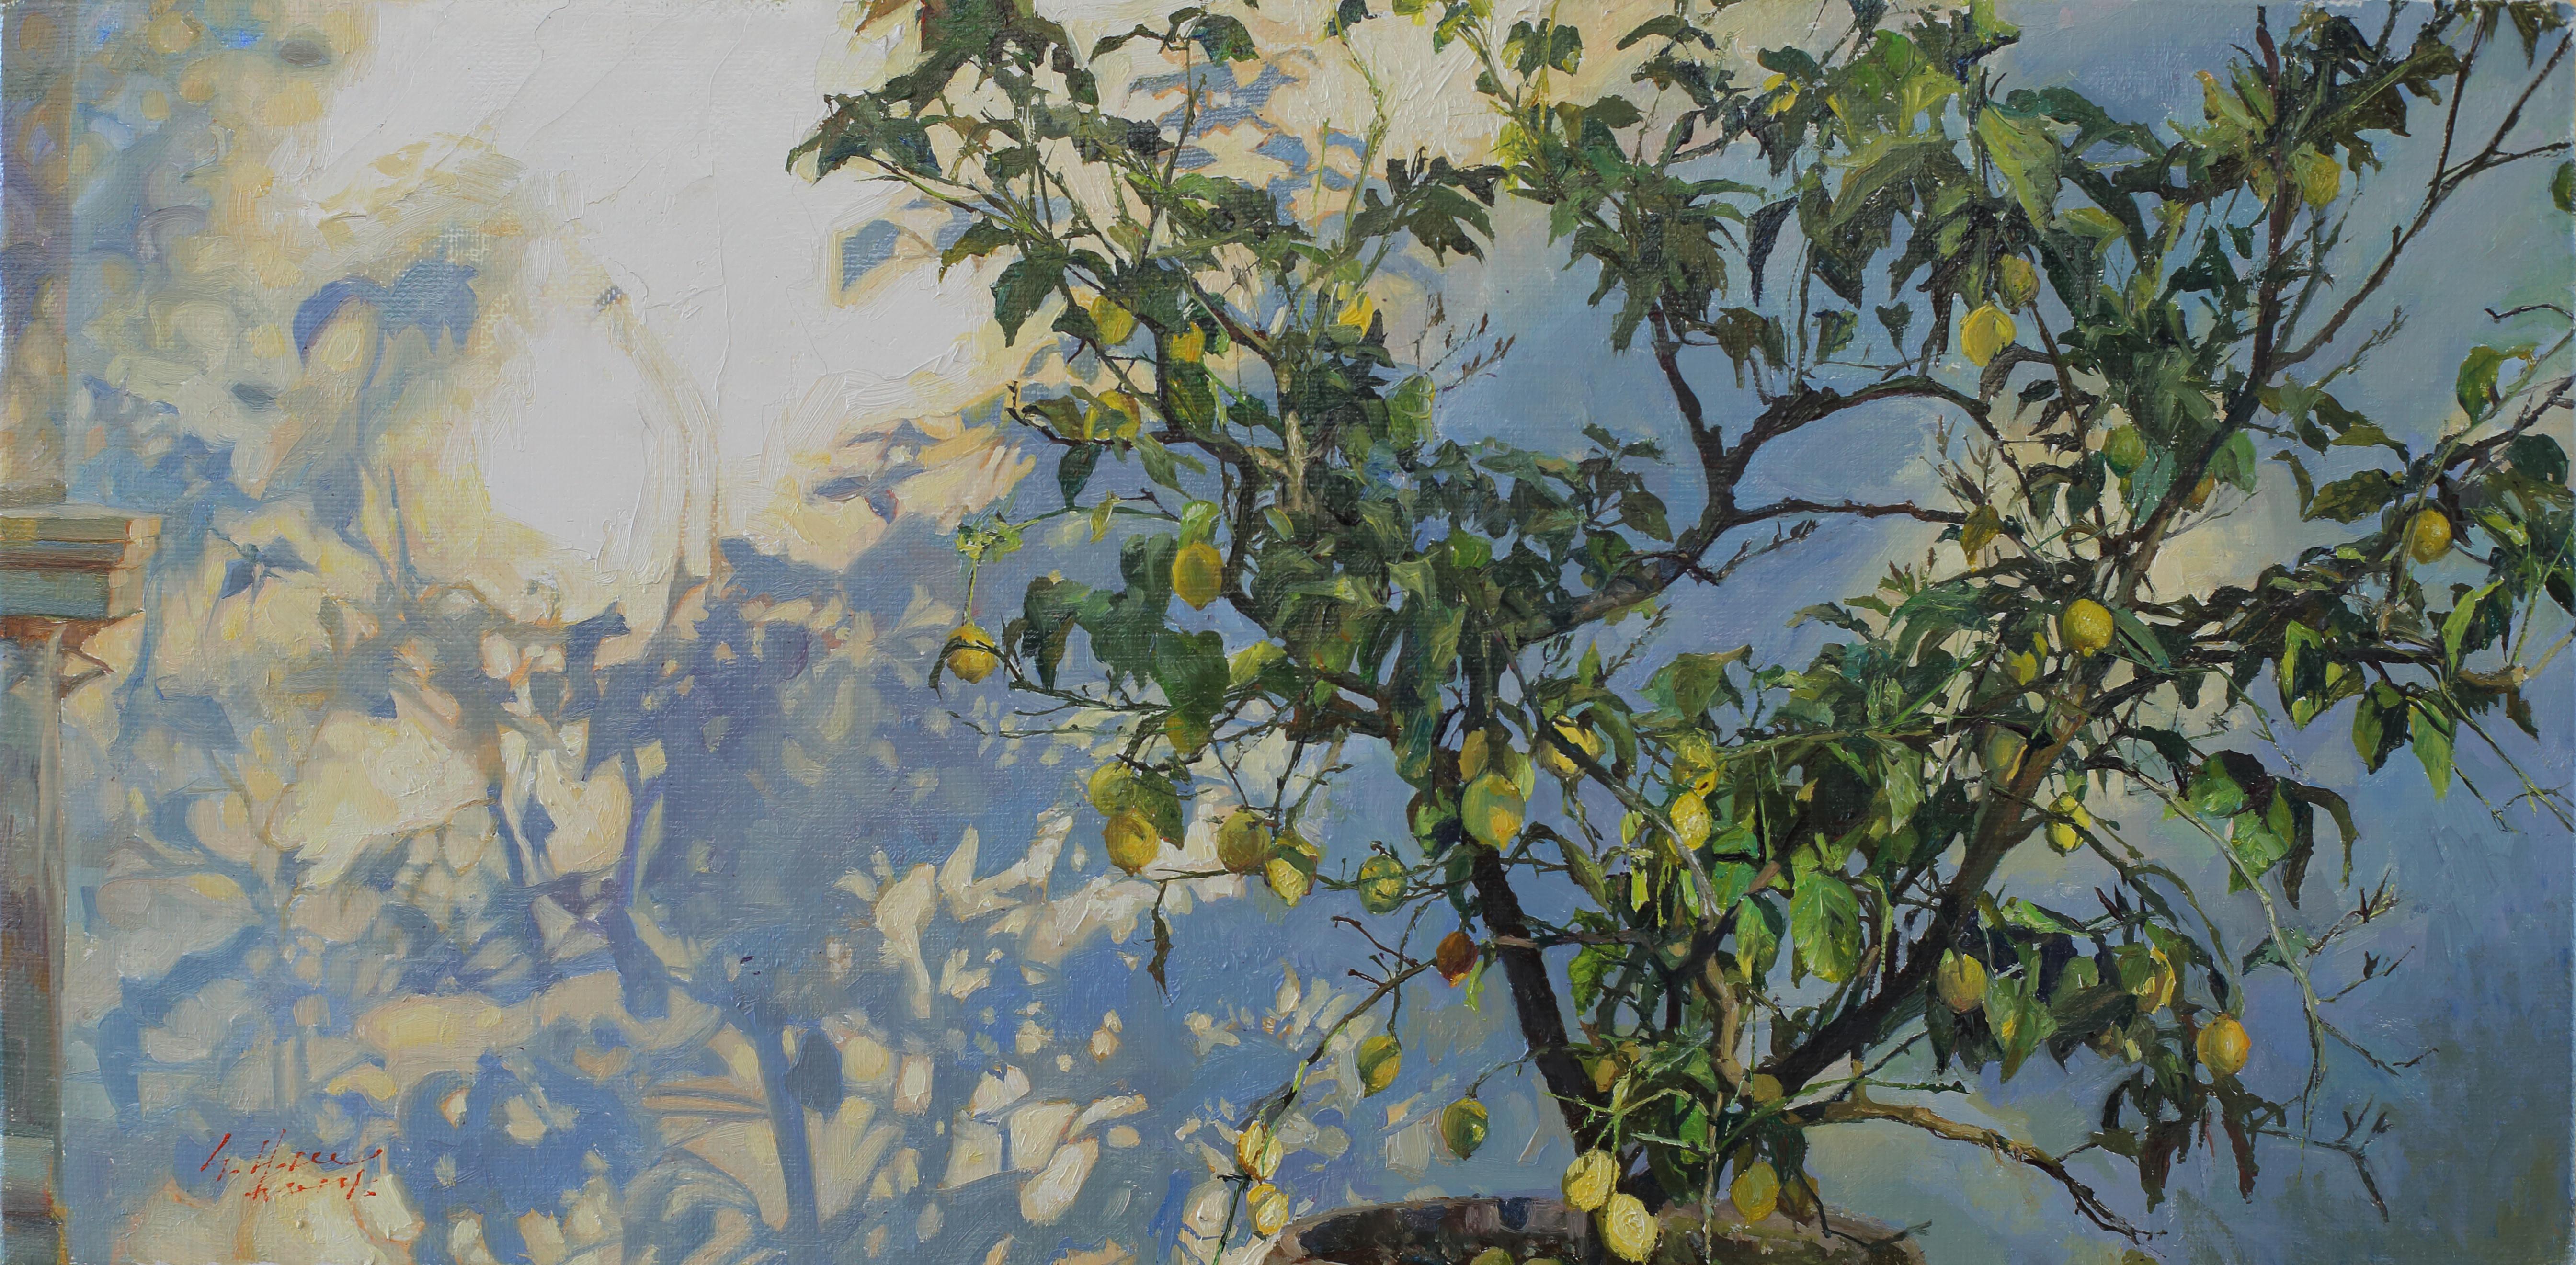 Lemon Tree 45.2x22.5 Oil on canvas 2014